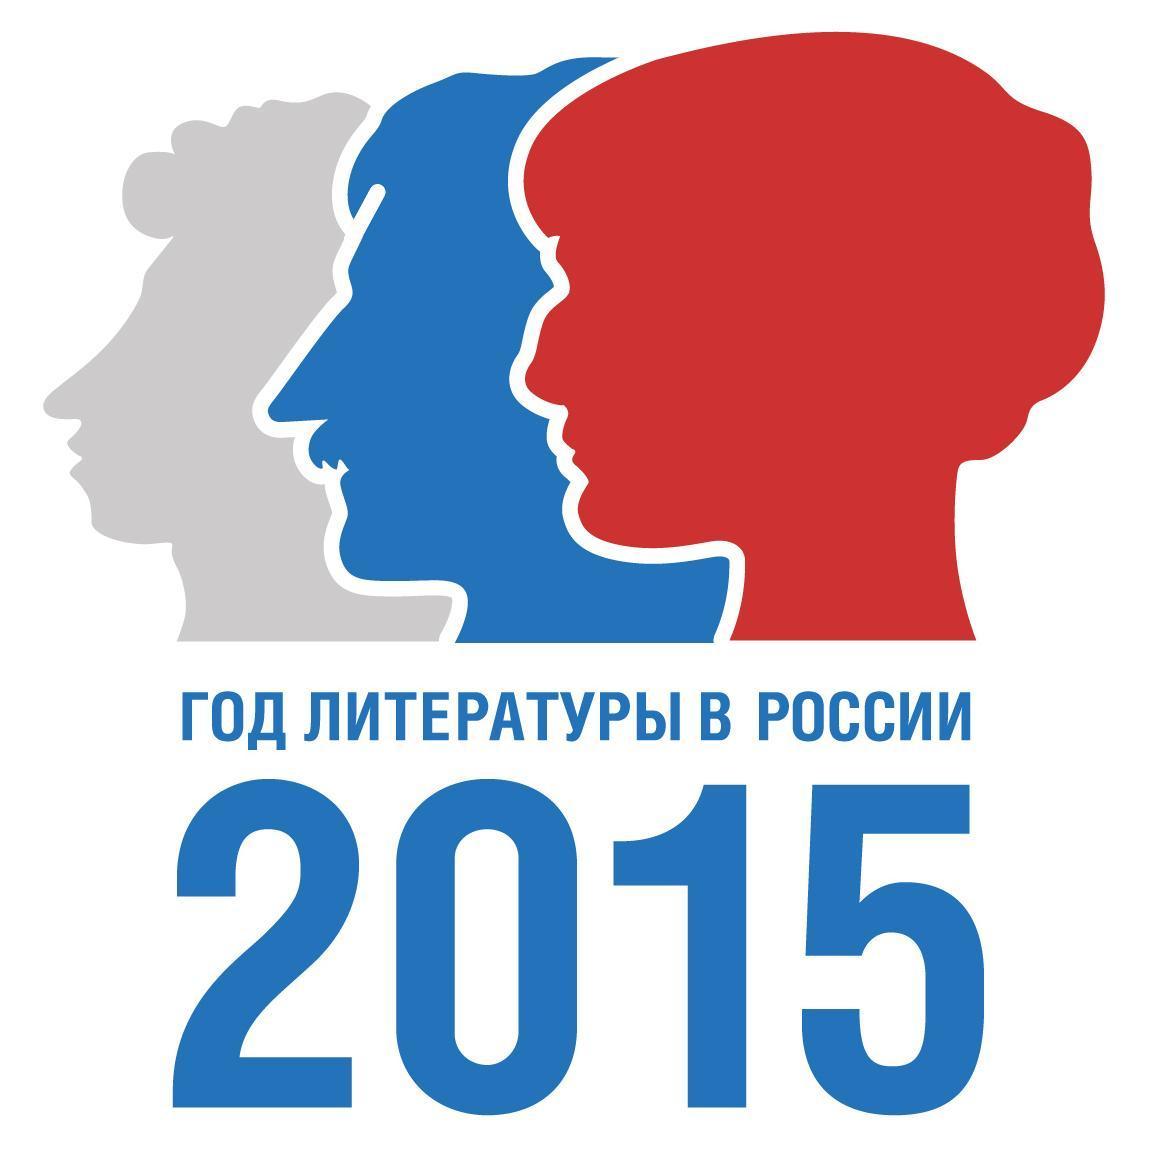 Эмблема празднования 70-й годовщины Победы в Великой Отечественной ...